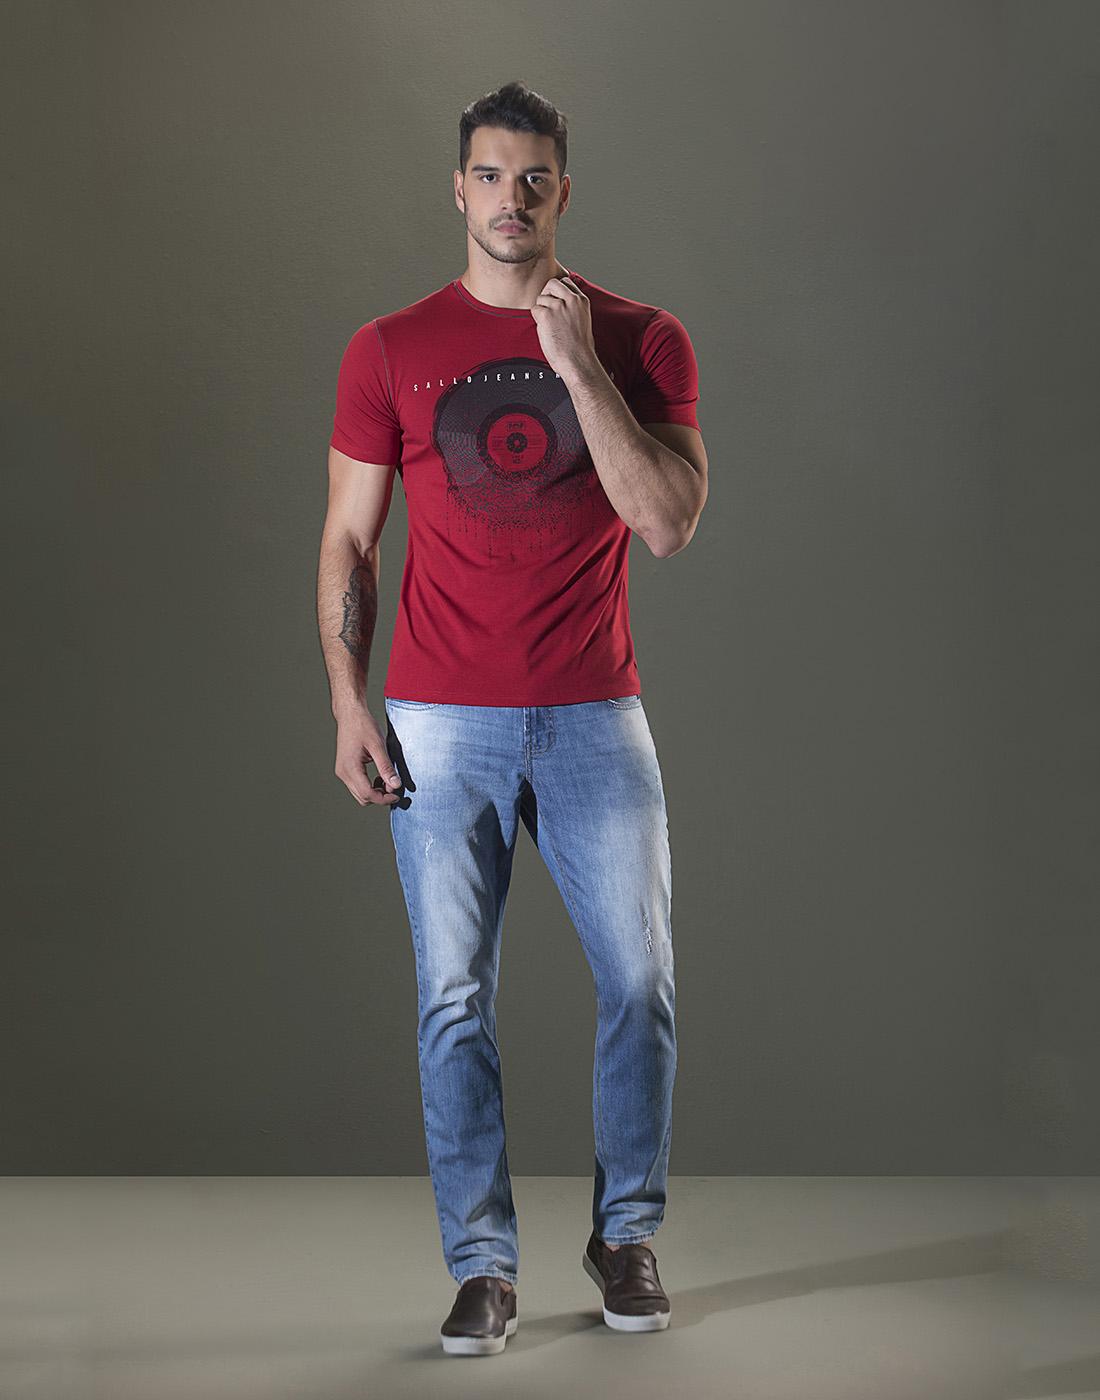 Camiseta Gola O. Estampada Vermelho Sallo